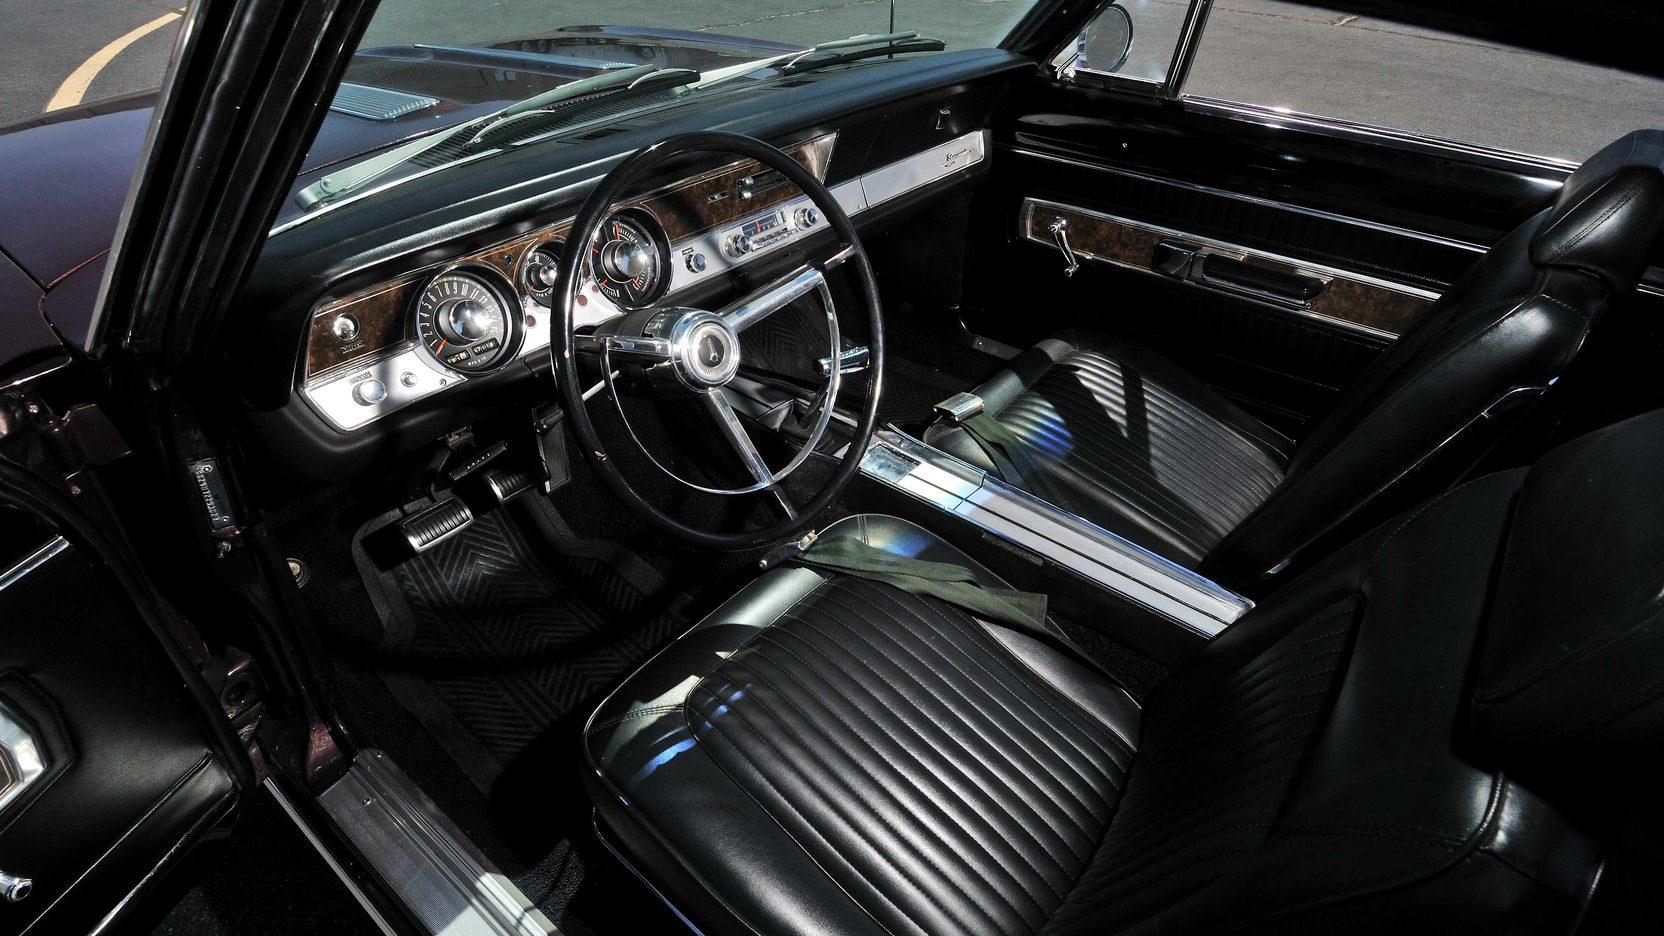 1967 Plymouth Barracuda Interior